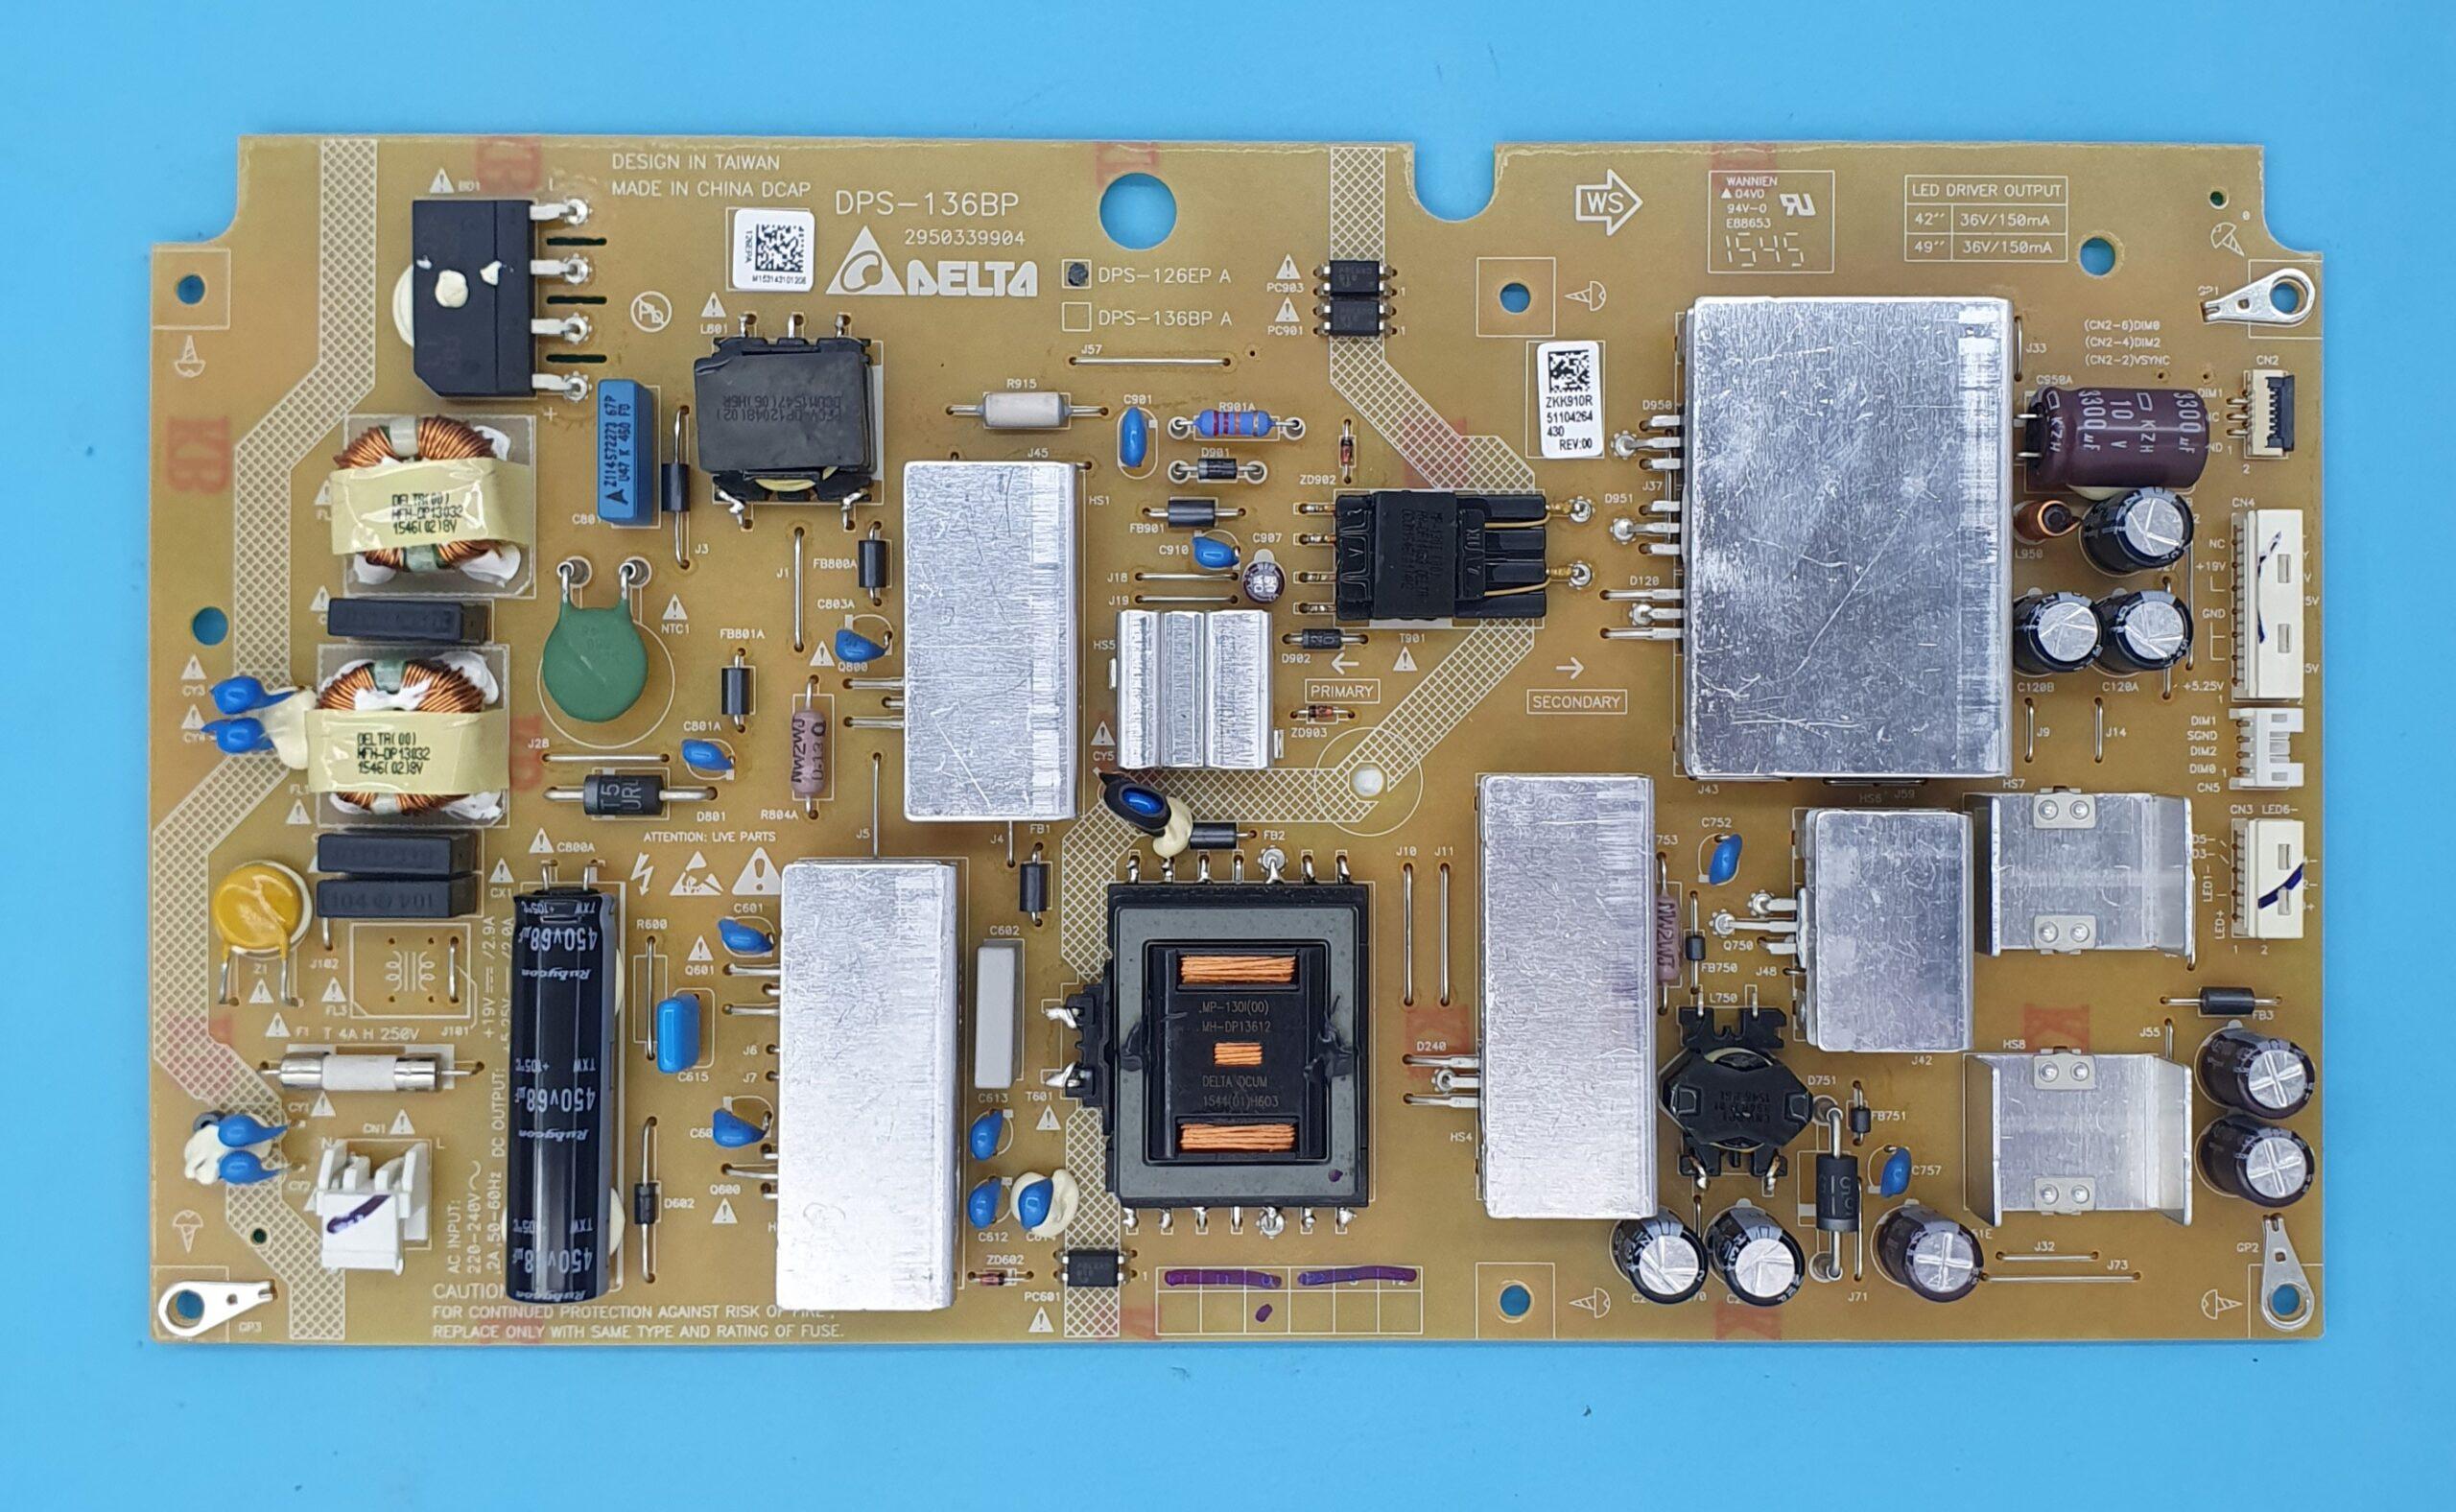 DPS-136BP , 2950339904 Arçelik Power (KDV DAHİL 150 TL)